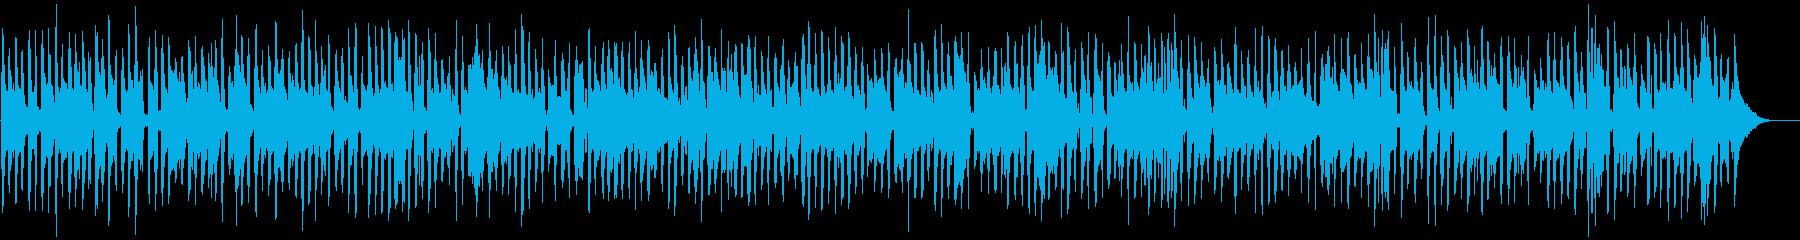 ほんわかコミカルなアコーディオンの再生済みの波形